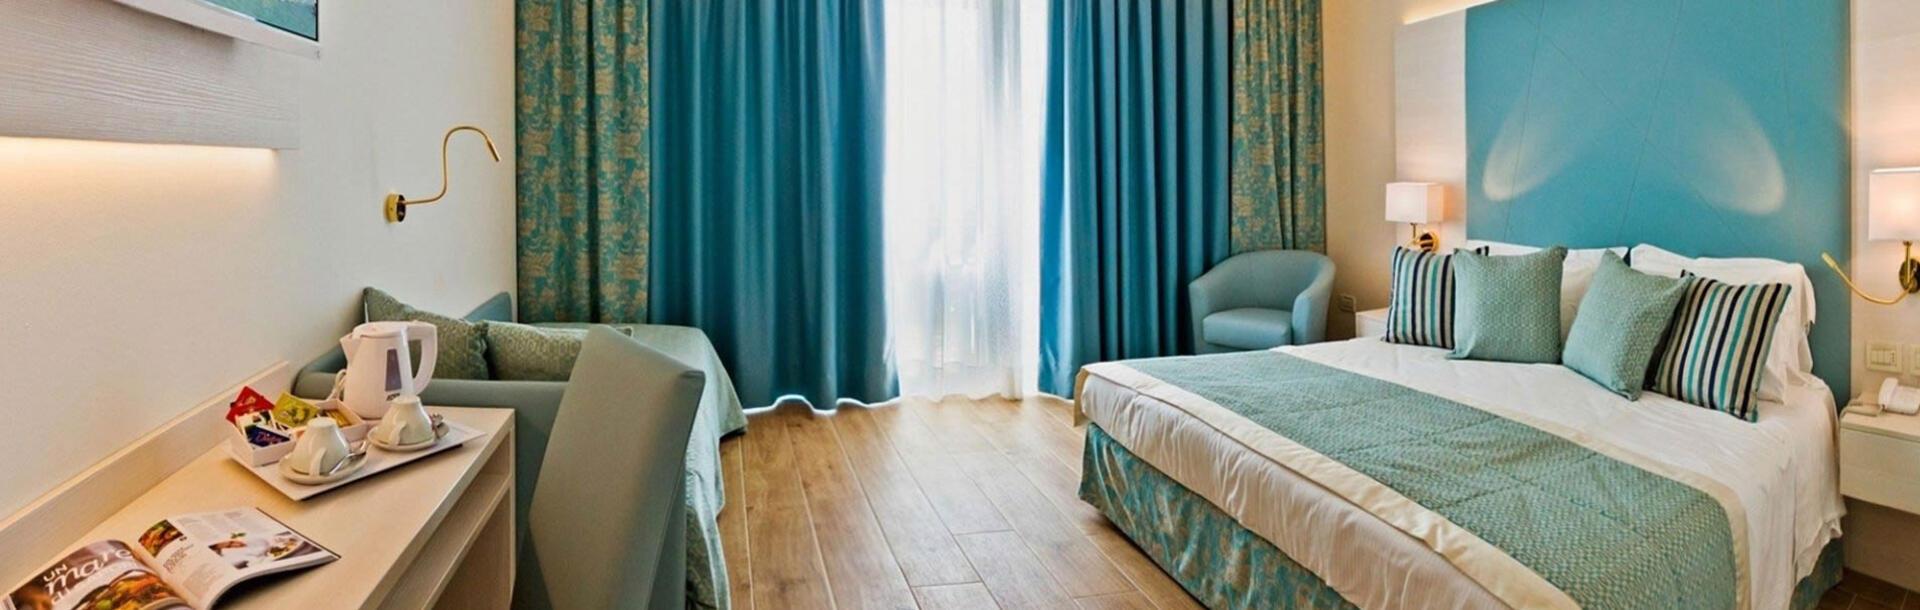 hotel-montecarlo de junior-suite-bibione 013